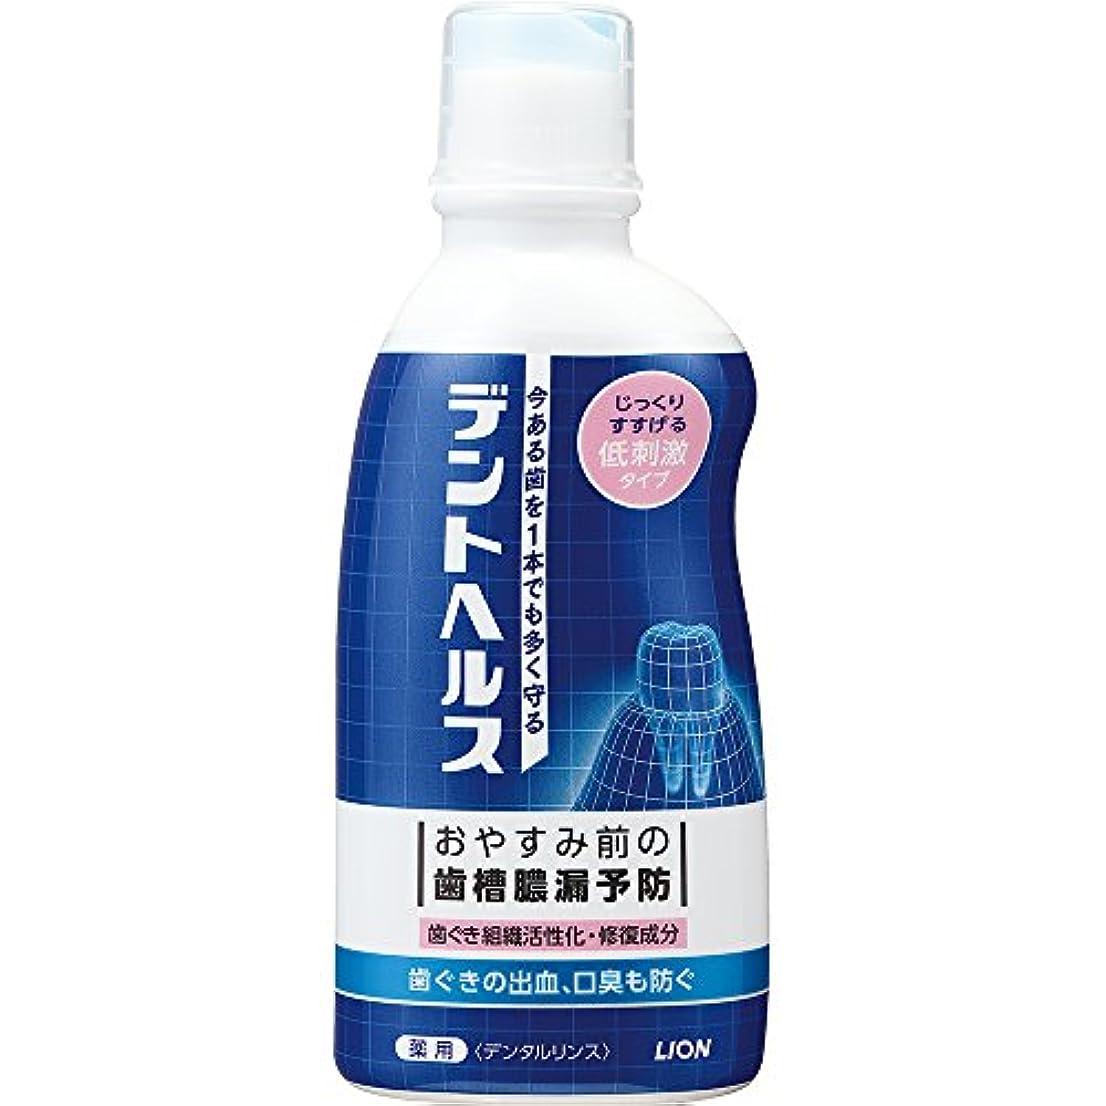 モトリー純度記事デントヘルス 薬用デンタルリンス 250ml (医薬部外品)